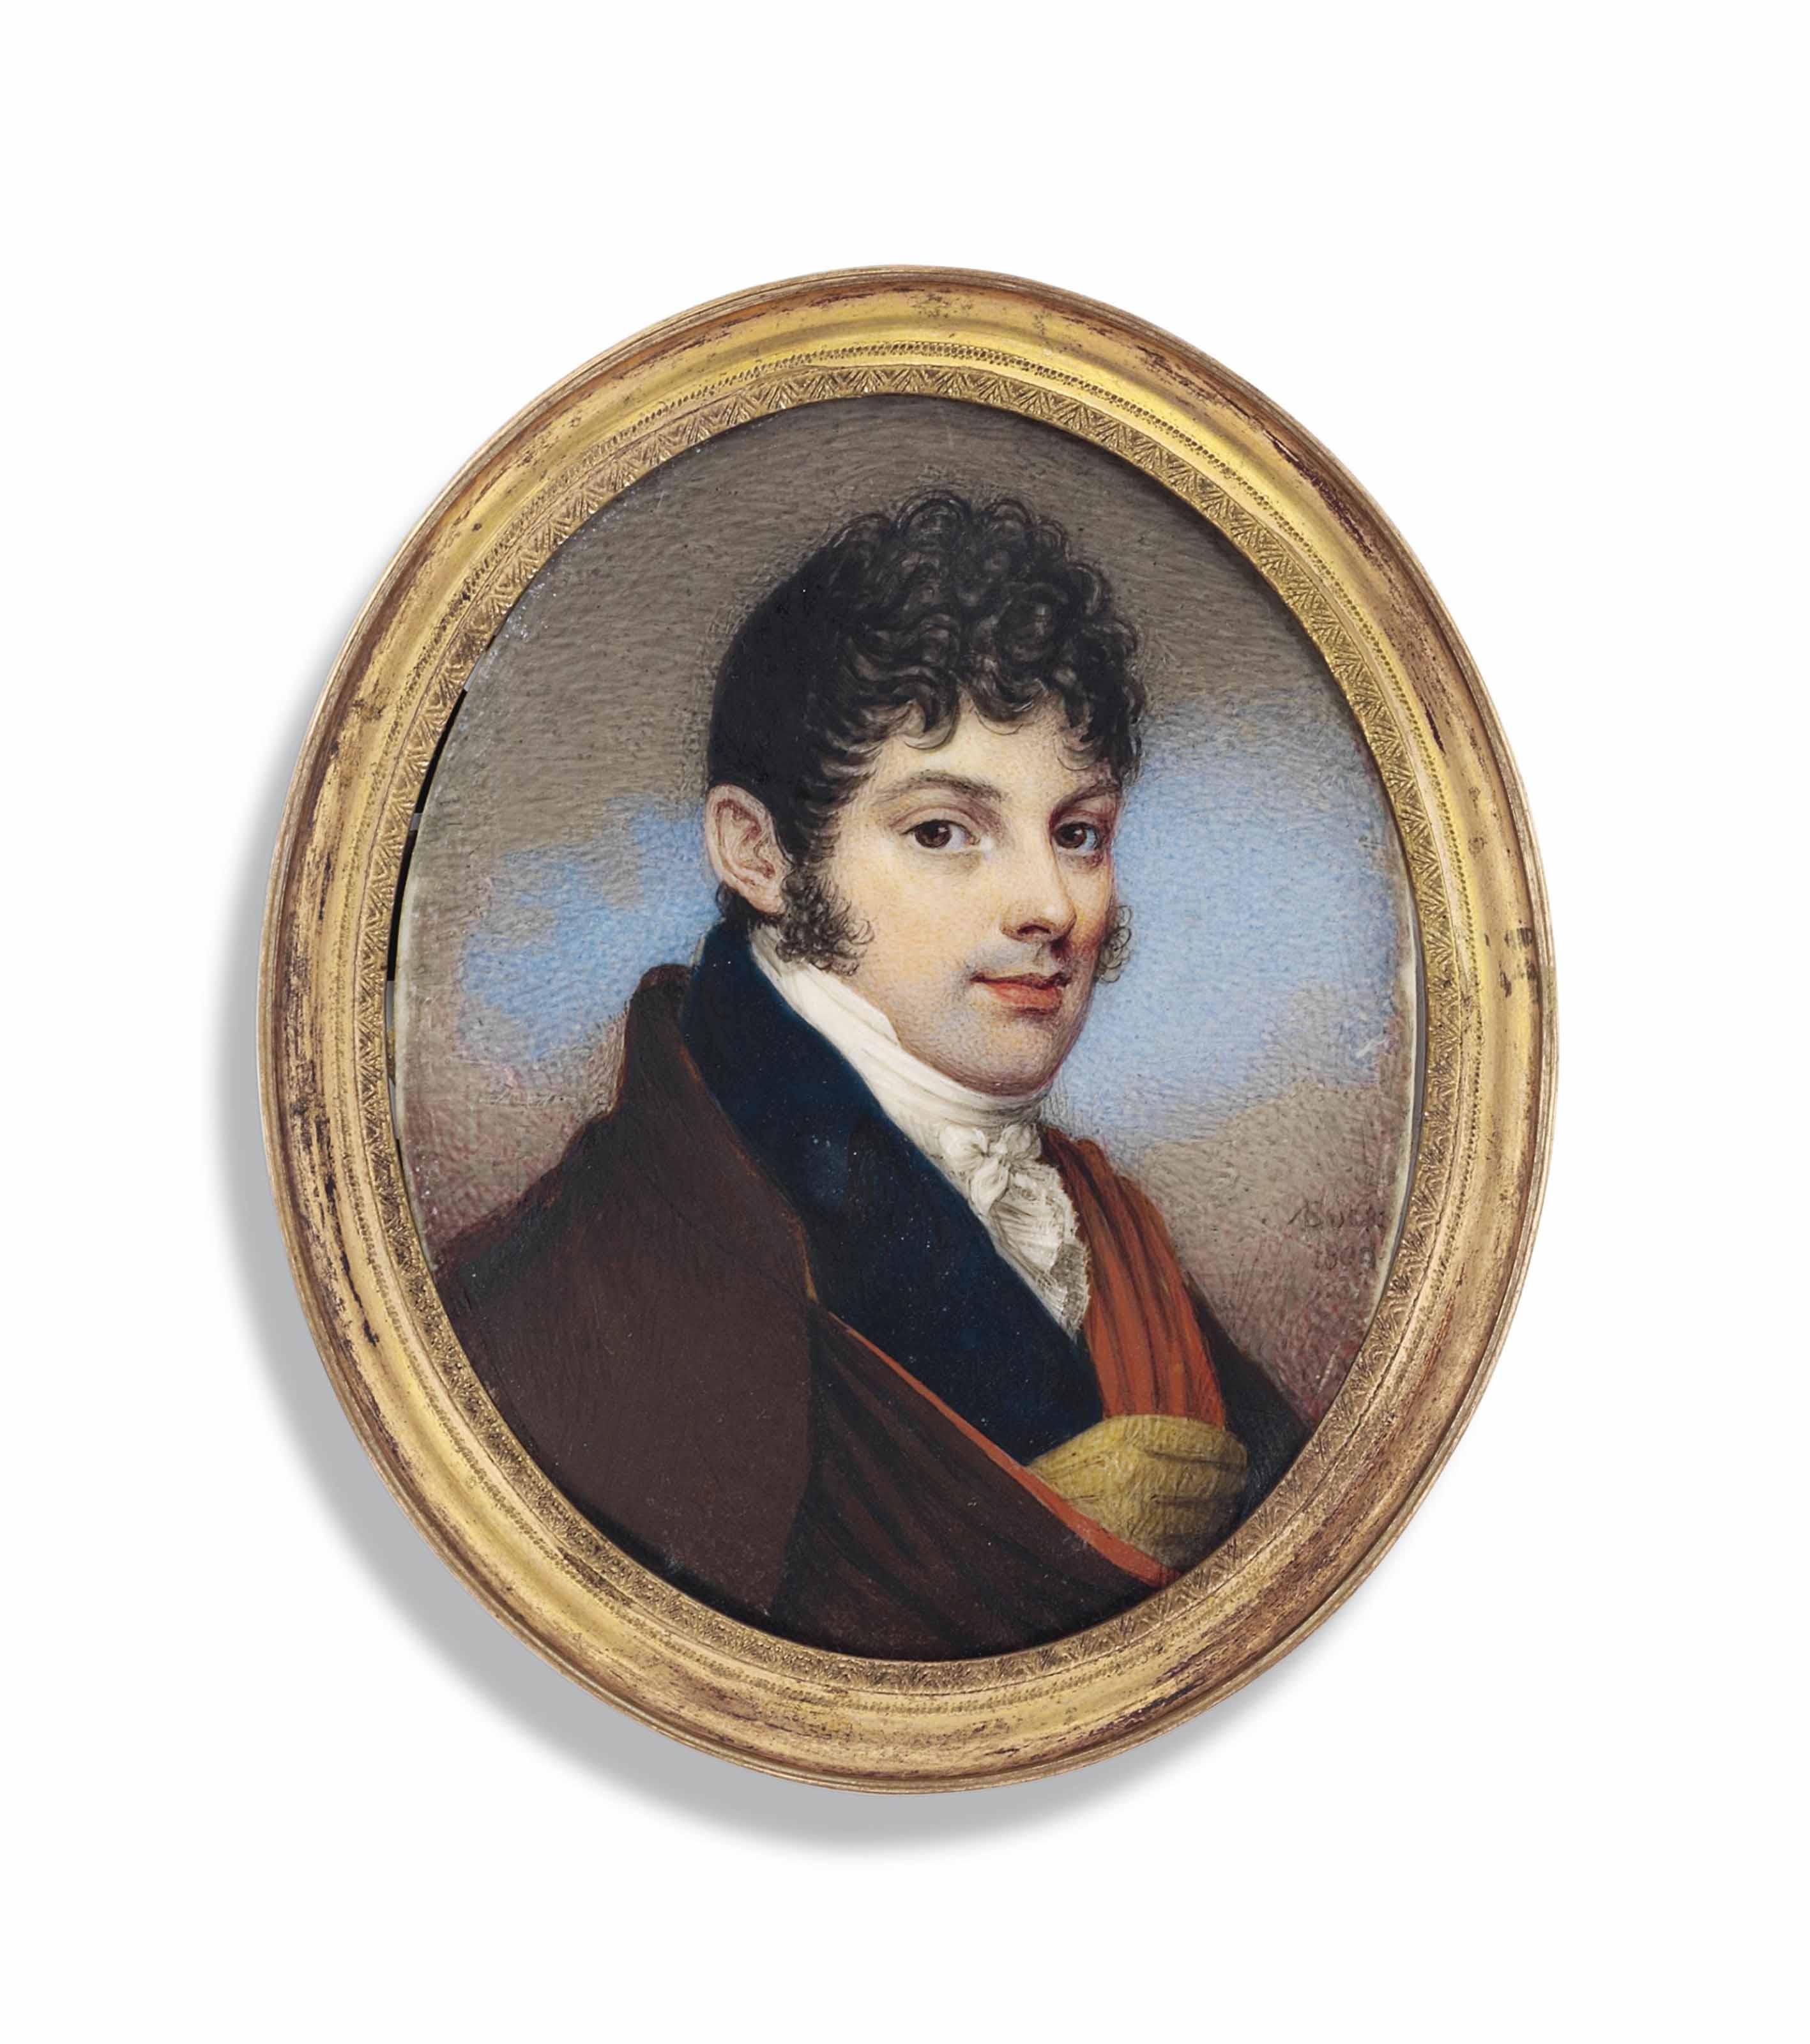 ADAM BUCK (BRITISH, 1759-1833)